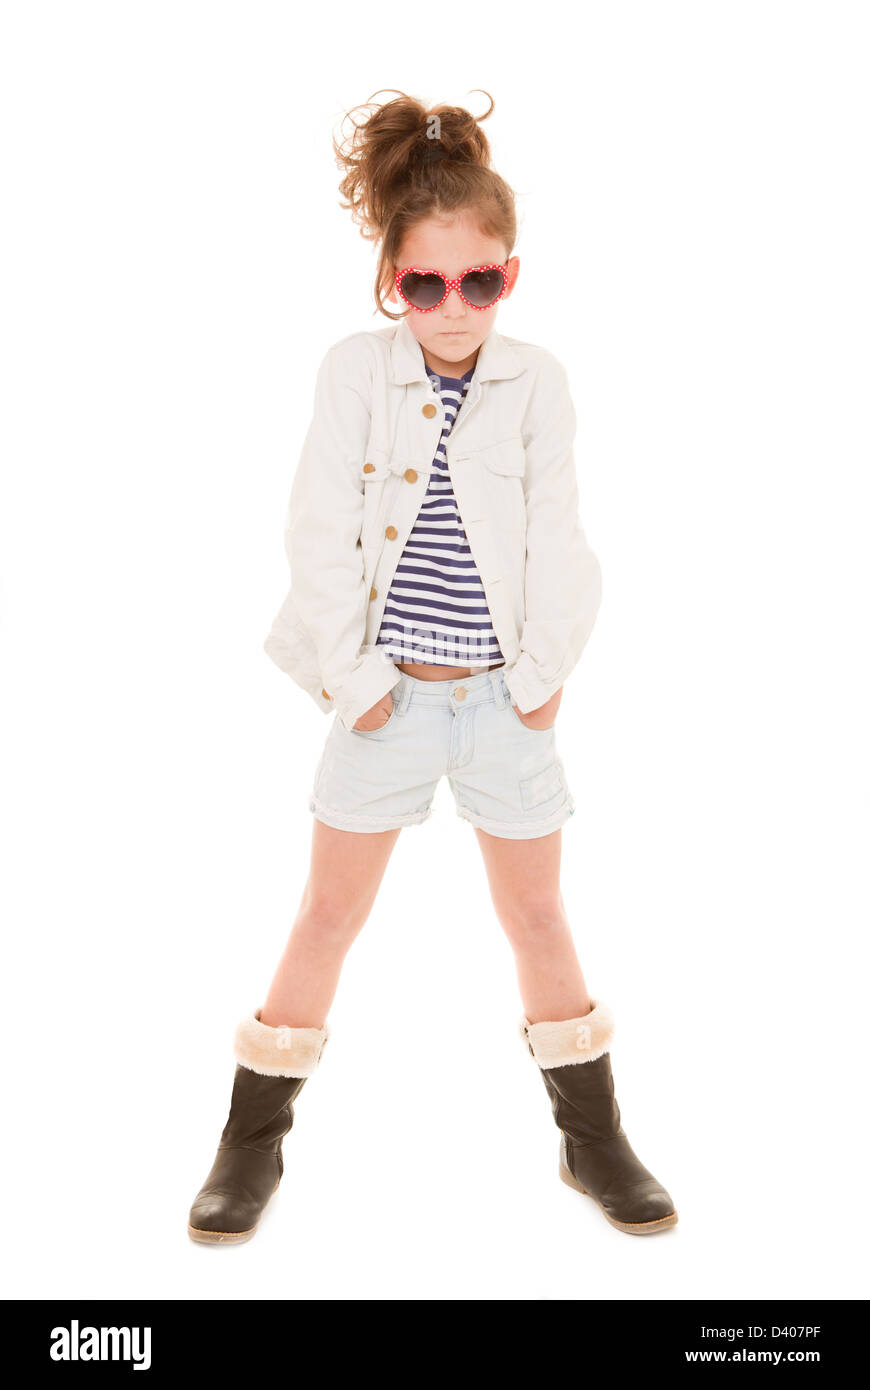 Niña de moda con ropa de moda Imagen De Stock